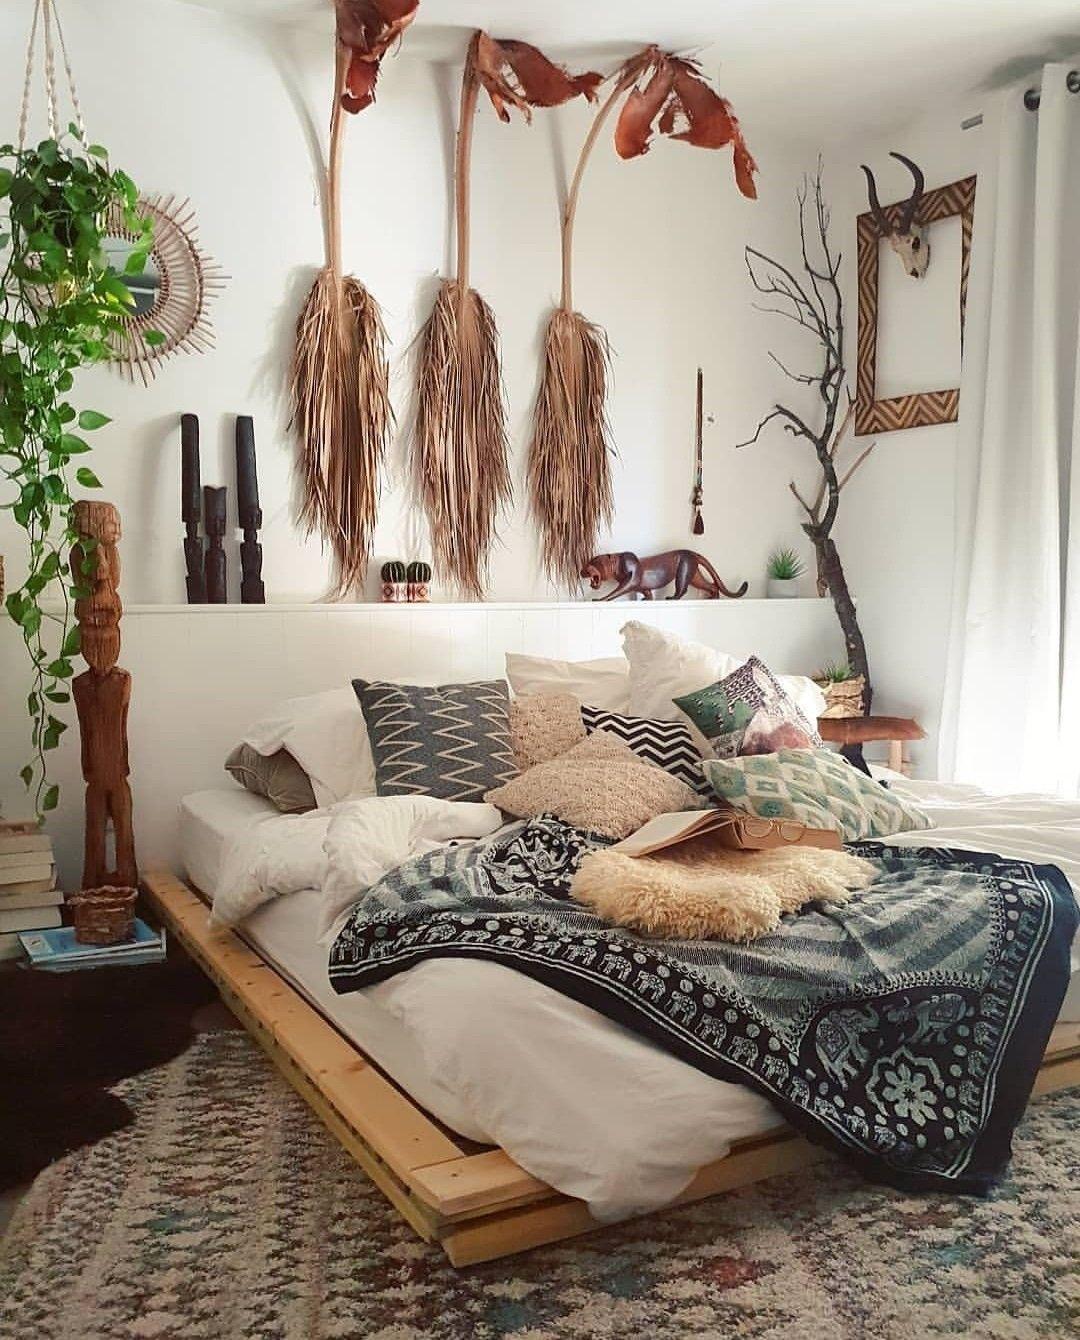 Pin Von Creatsuniques Auf Bedrooms Zimmer Einrichten Zimmer Wohnen